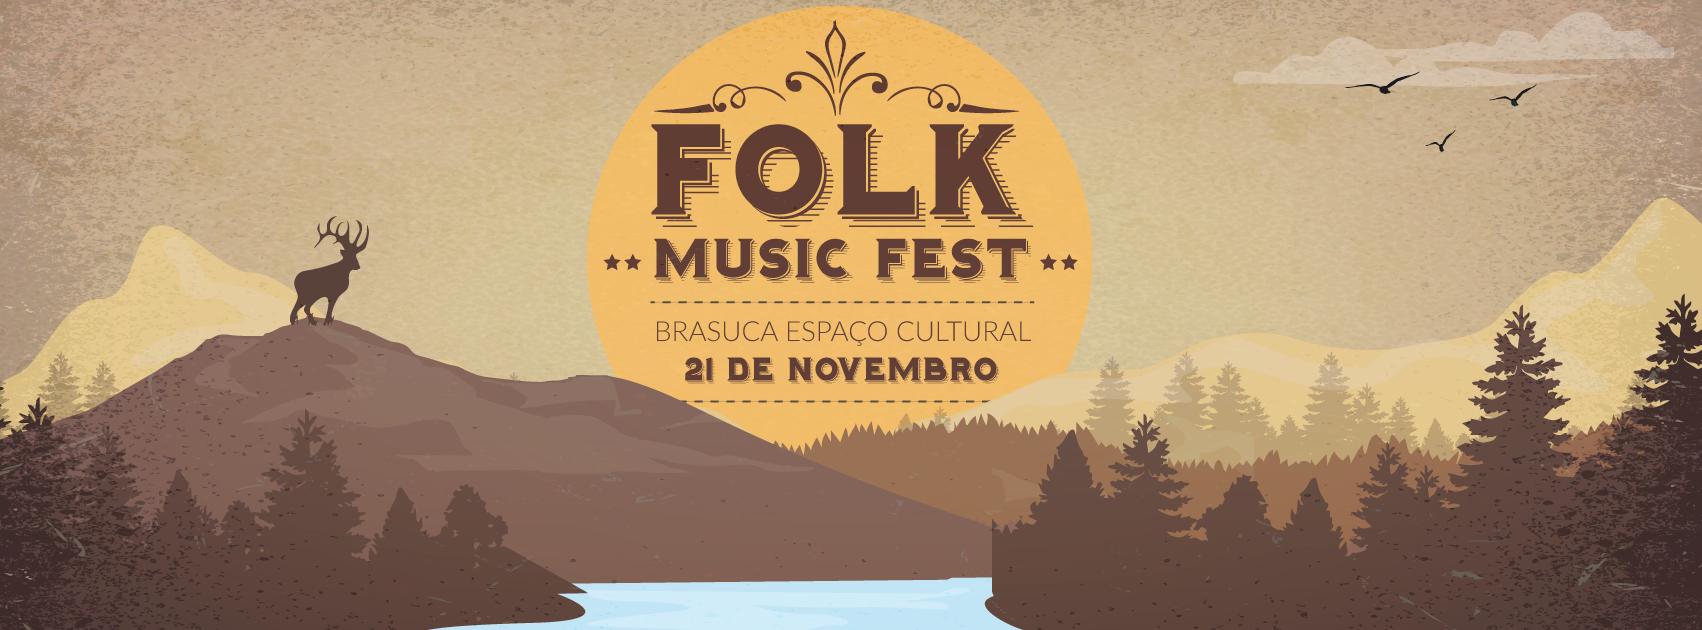 folk music fest